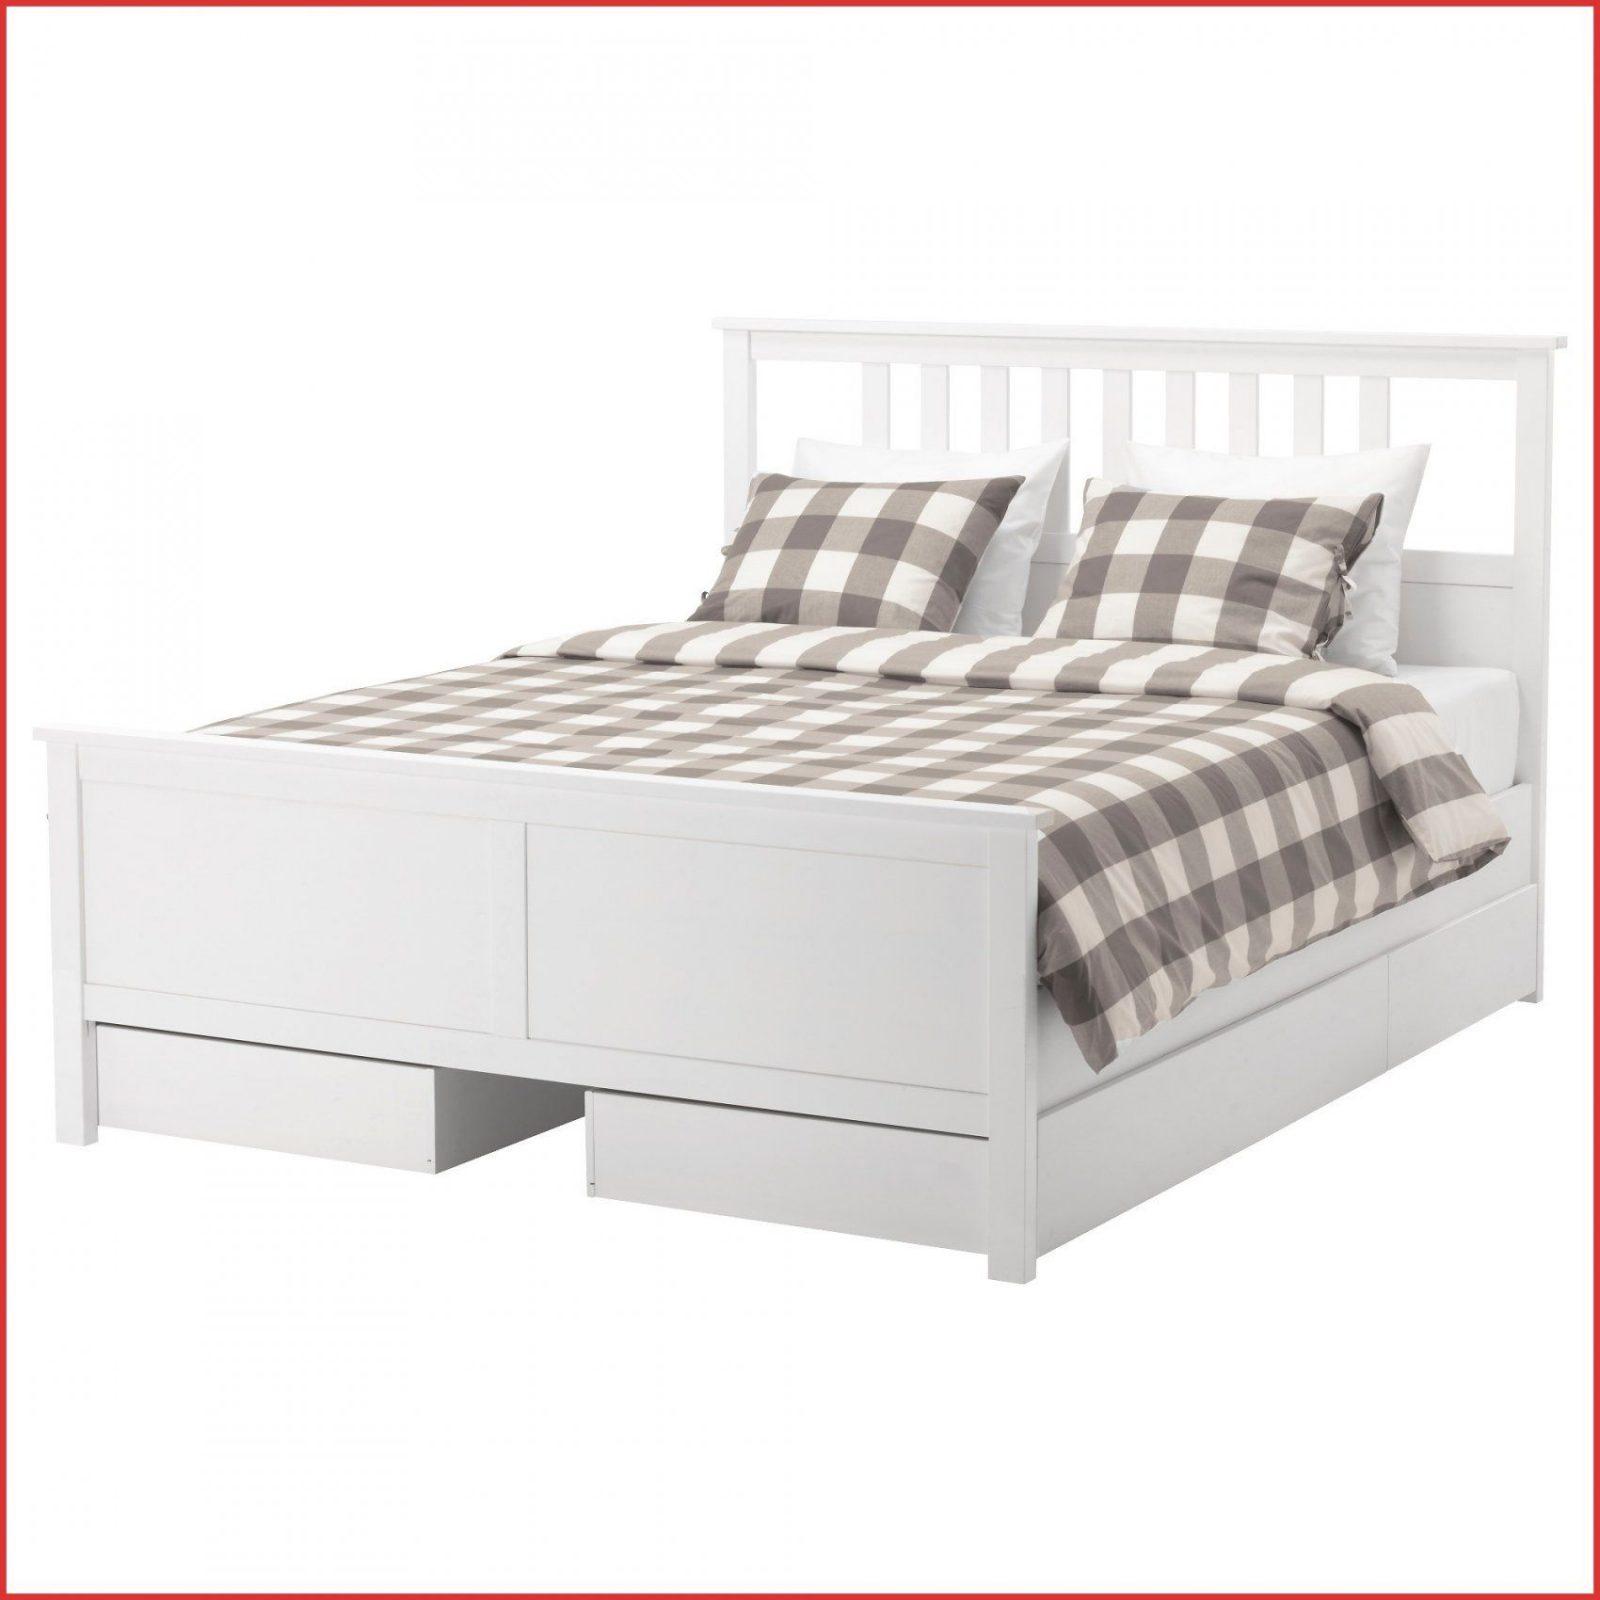 himmel f r bett 268530 wohnzimmer mit holz dachschr ge mit himmel von himmel f r bett ikea photo. Black Bedroom Furniture Sets. Home Design Ideas